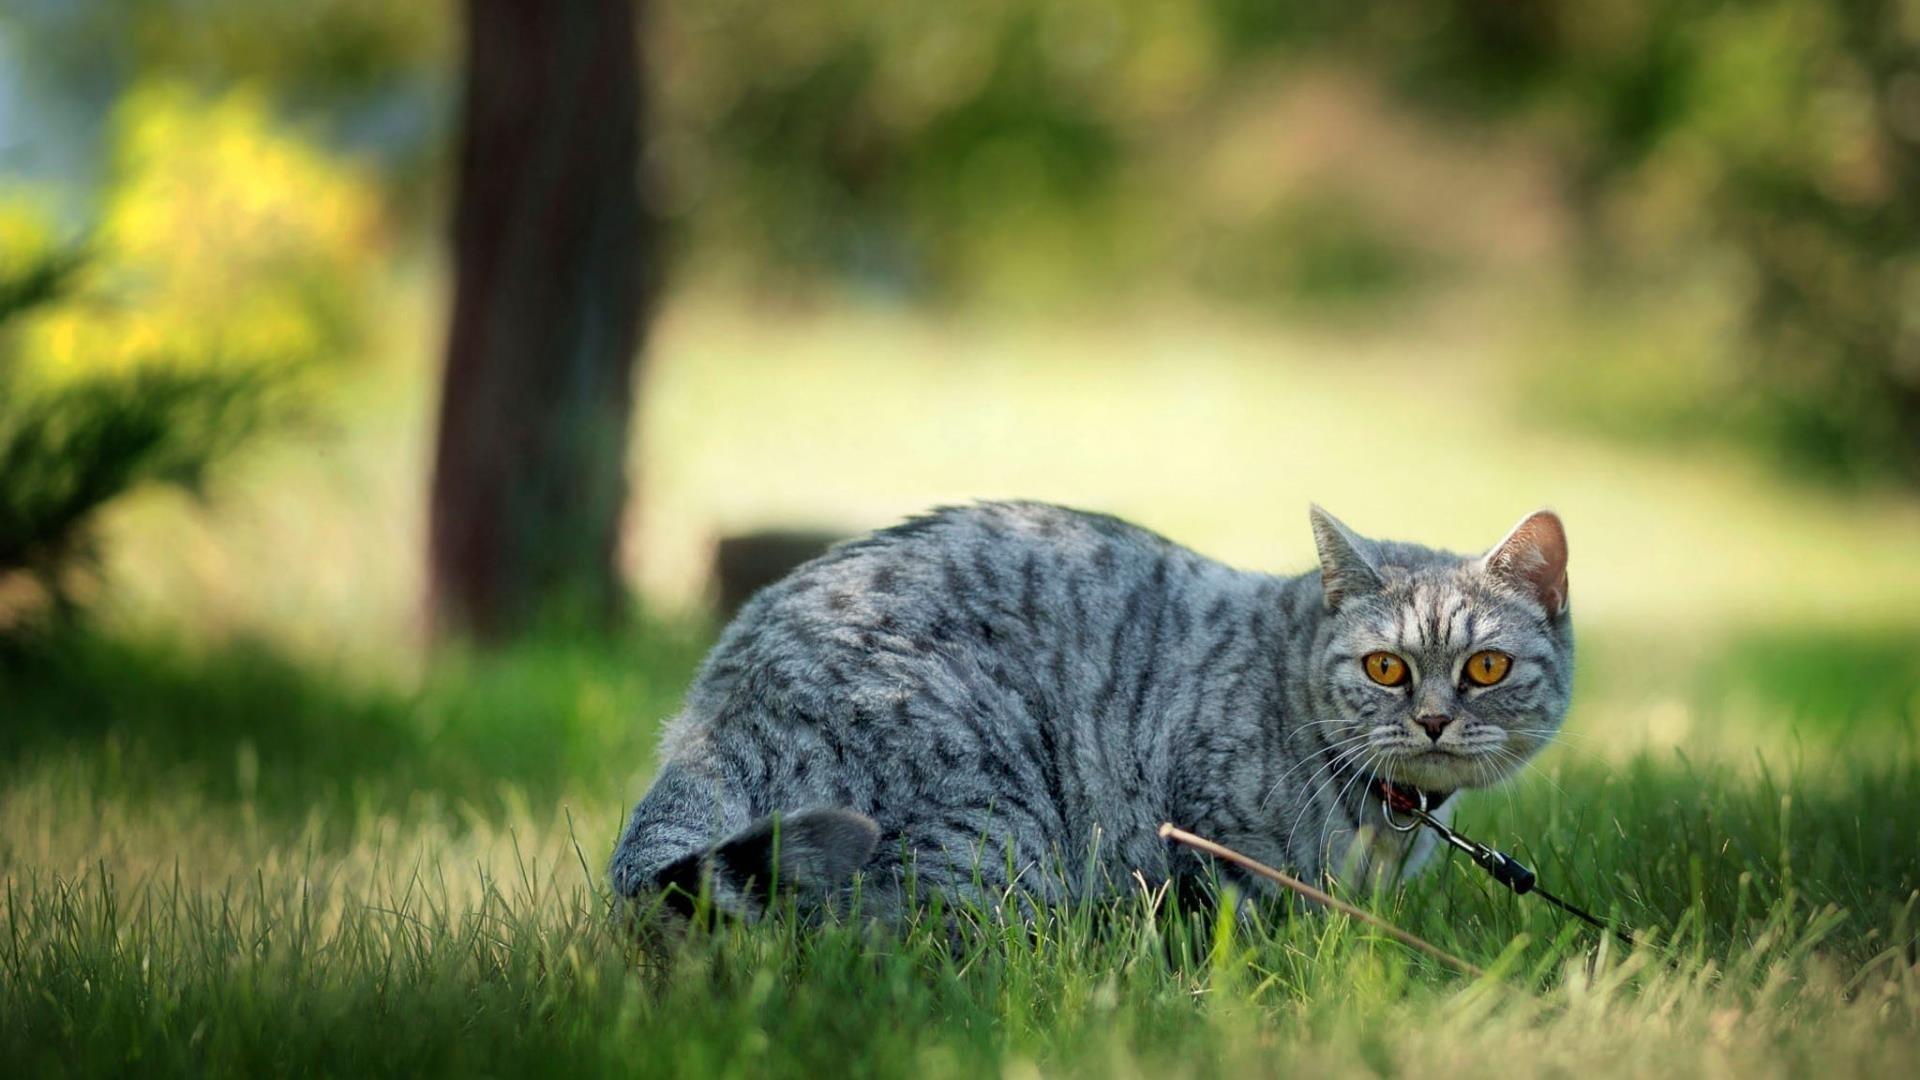 Животное кошка (2) животные обои скачать